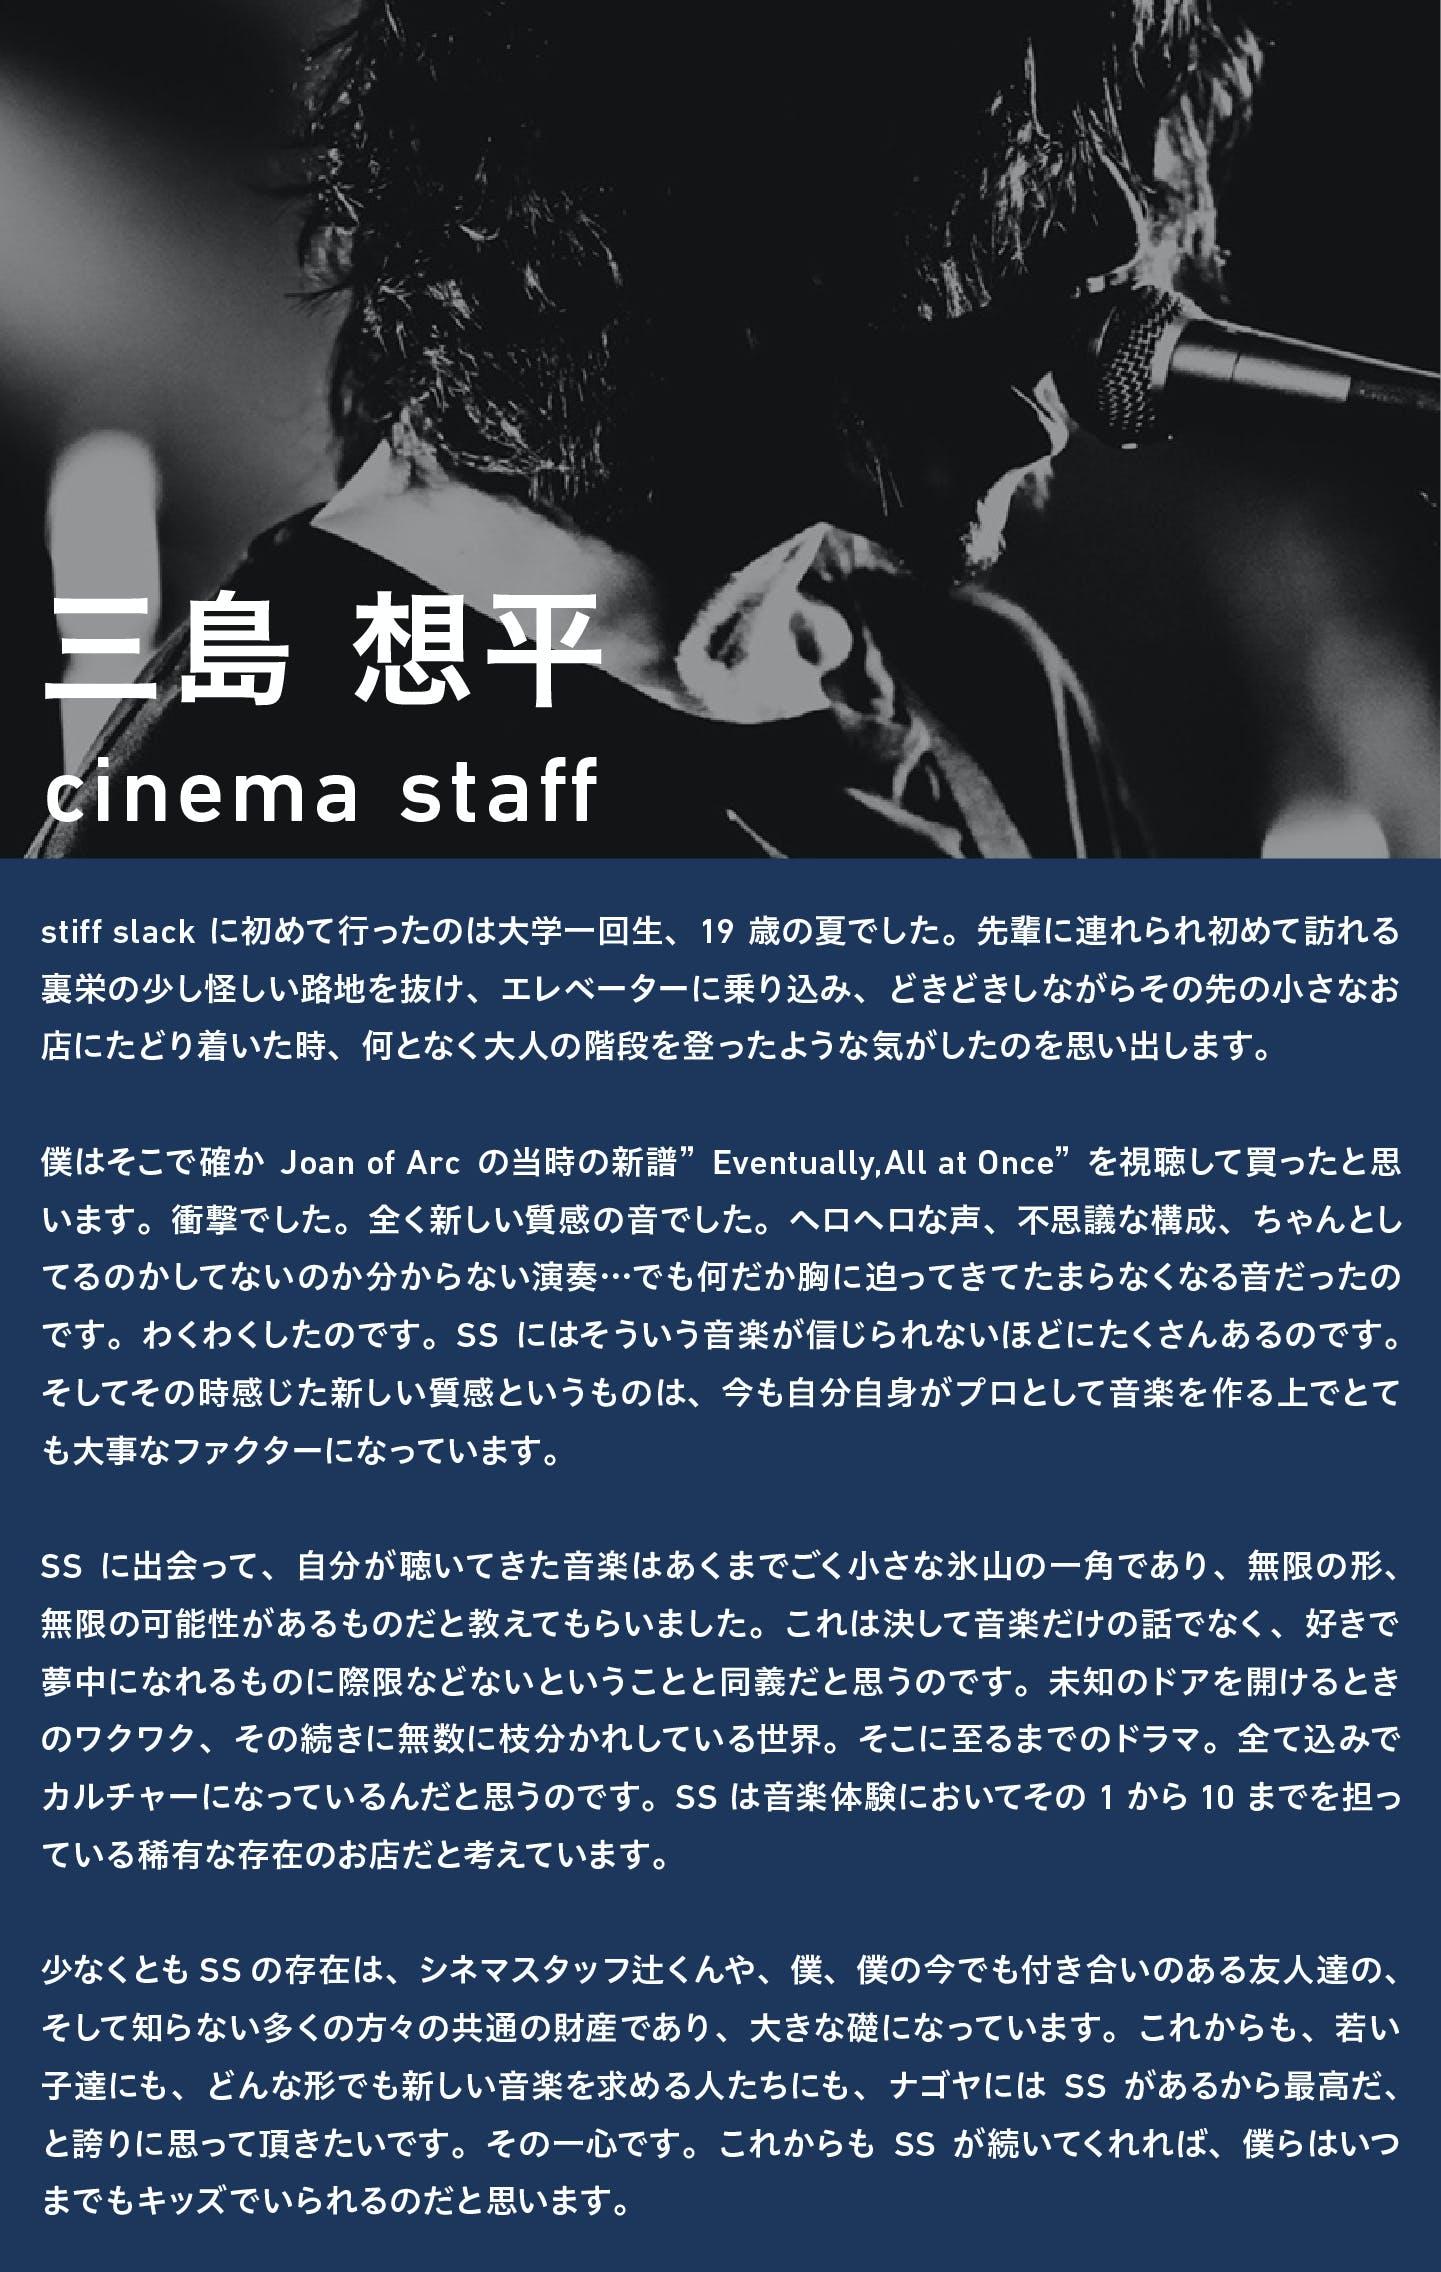 comment_mishima